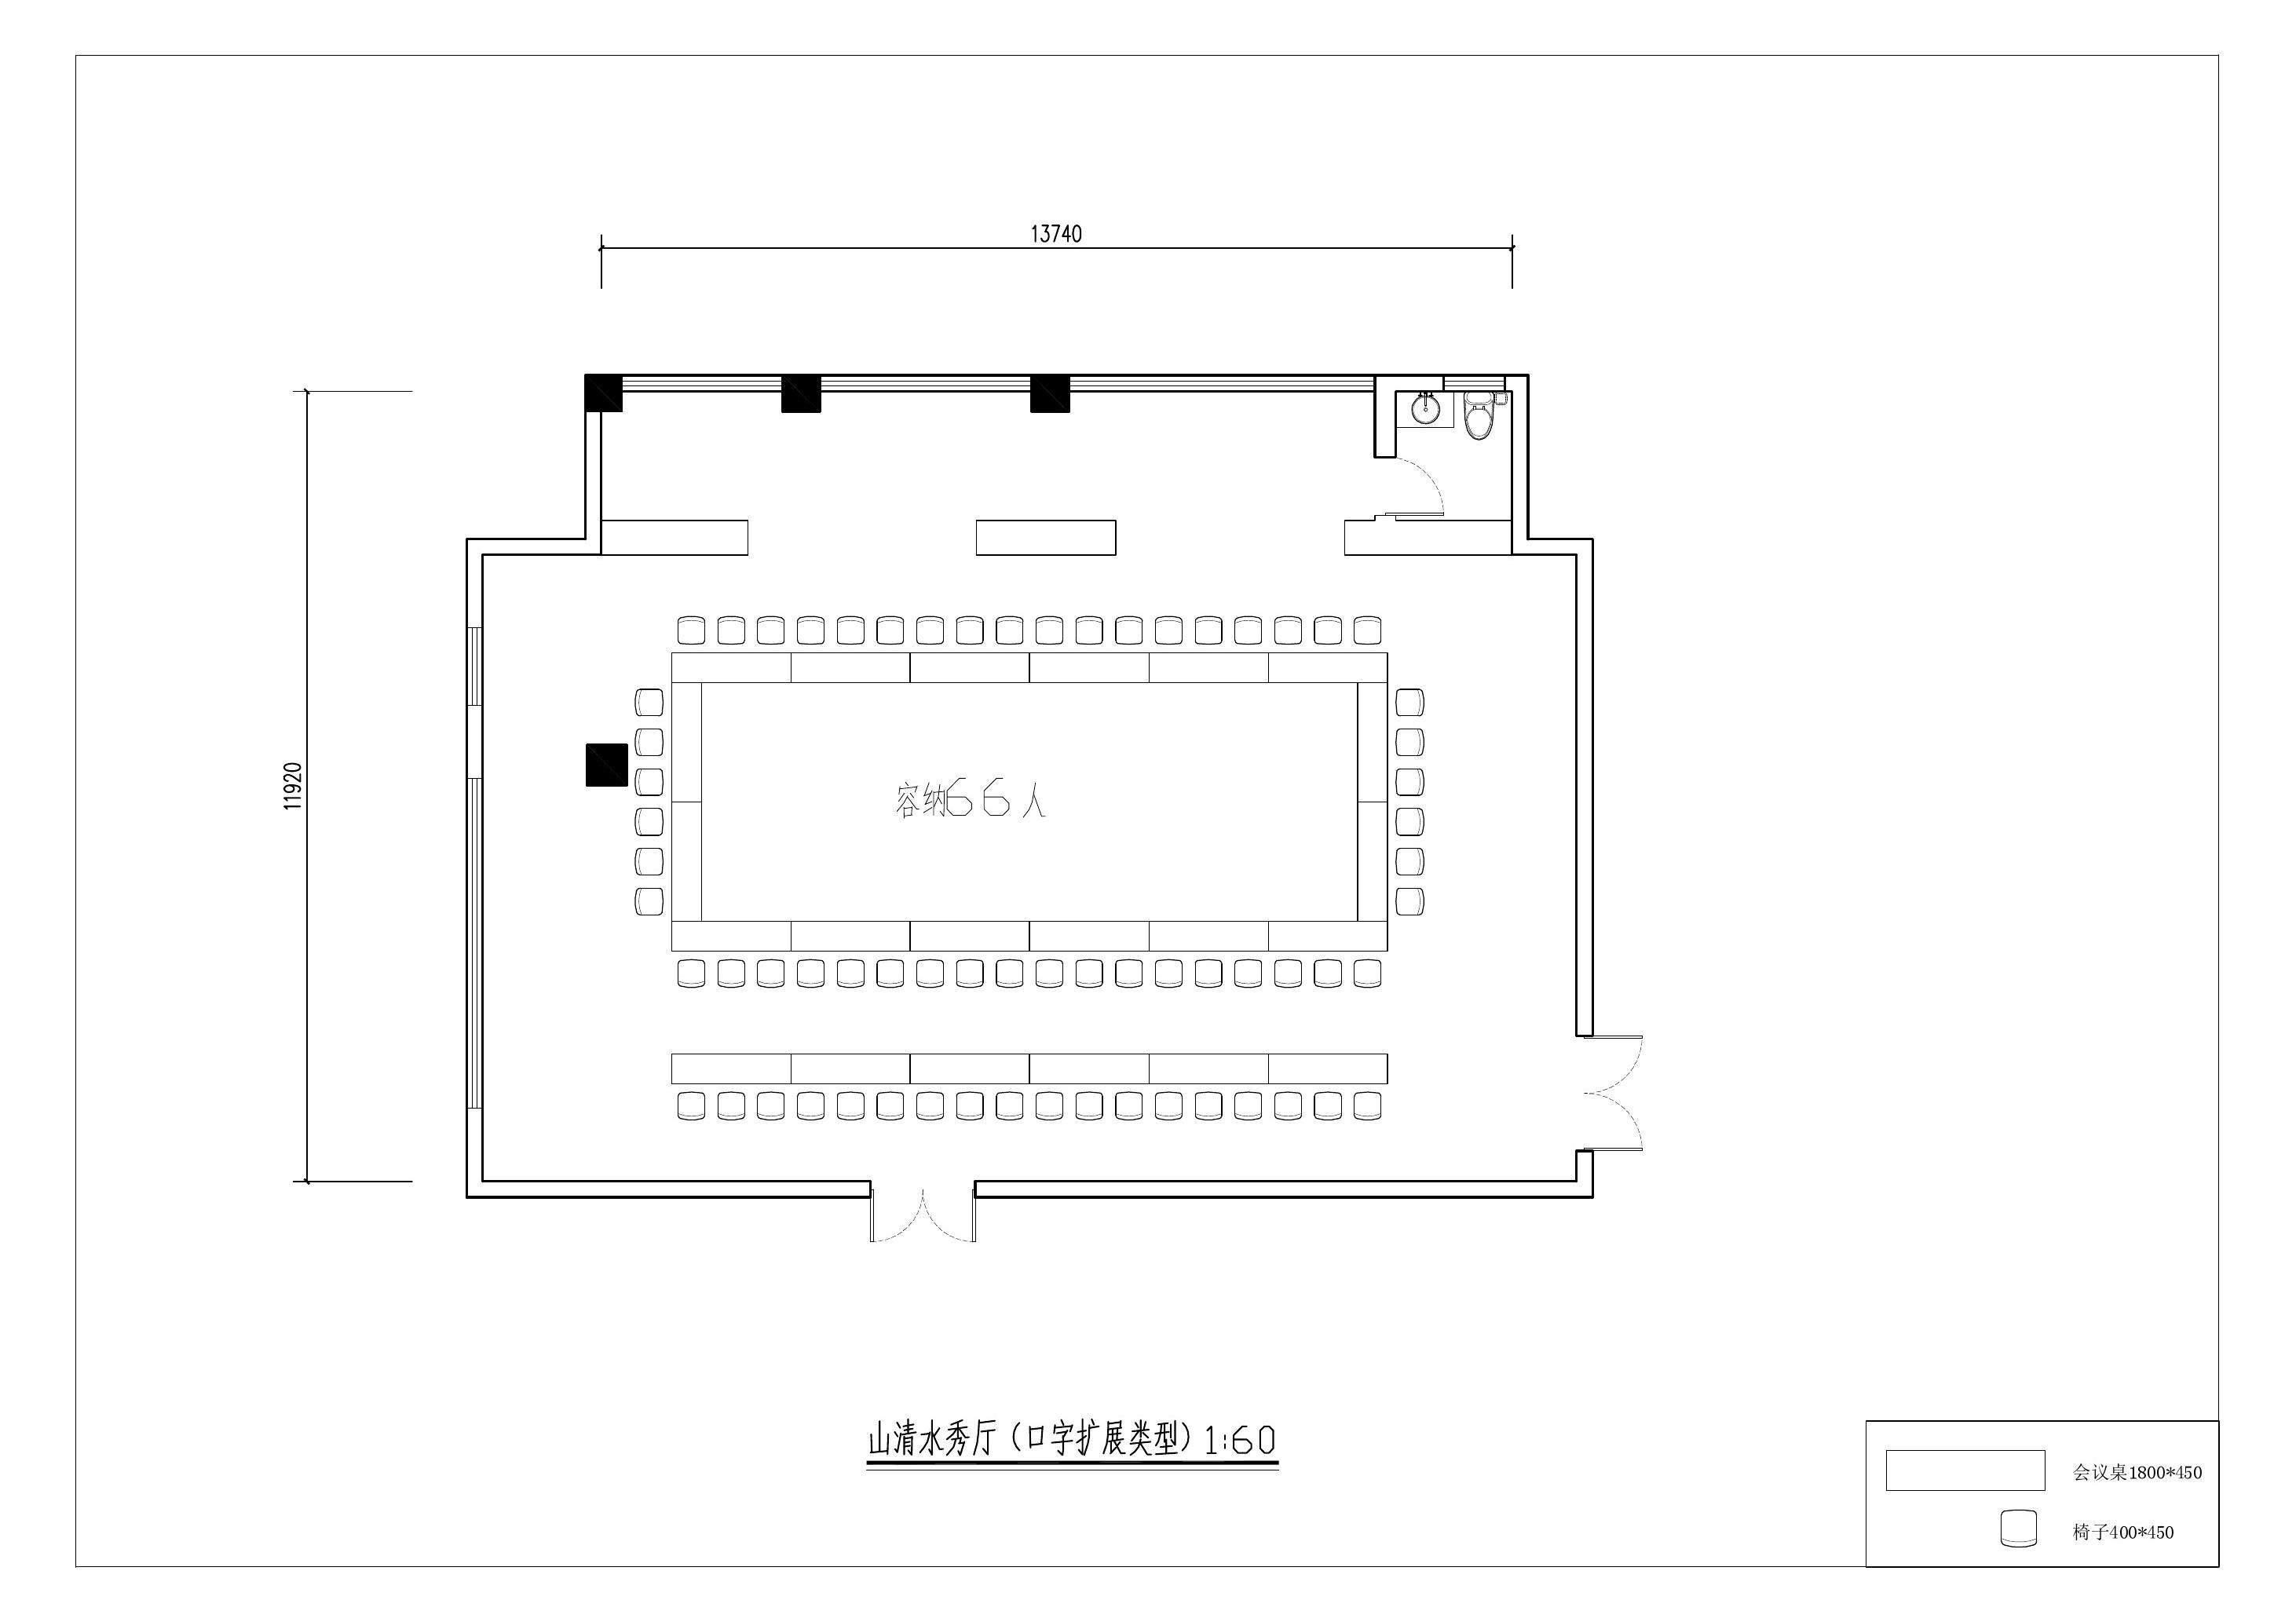 山清水秀厅口子扩展平面布置图_modified.jpg